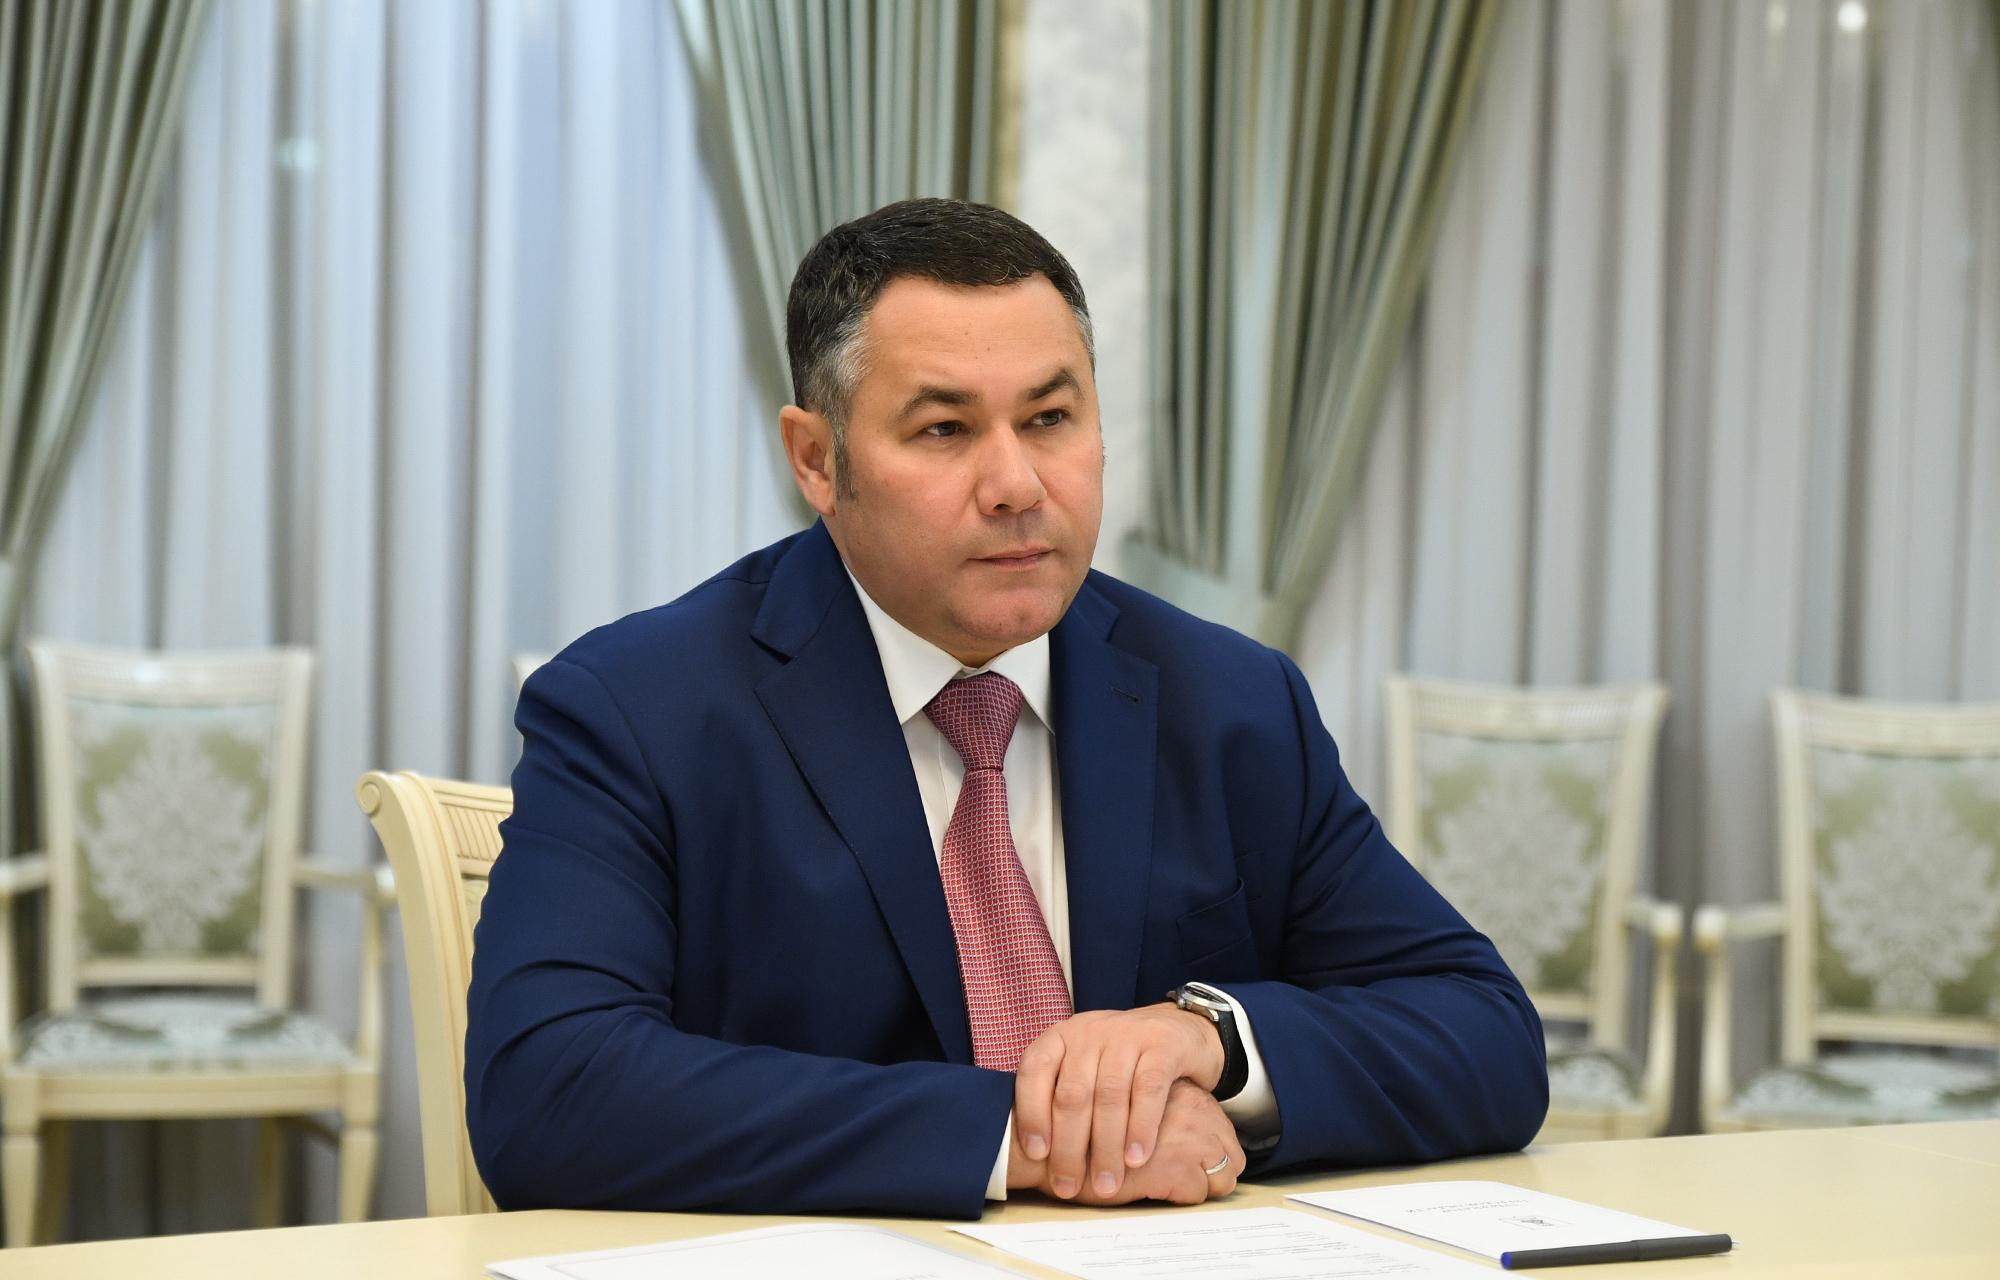 Игорь Руденя провел встречу с главой Кесовогорского района    Сергеем Тарасовым